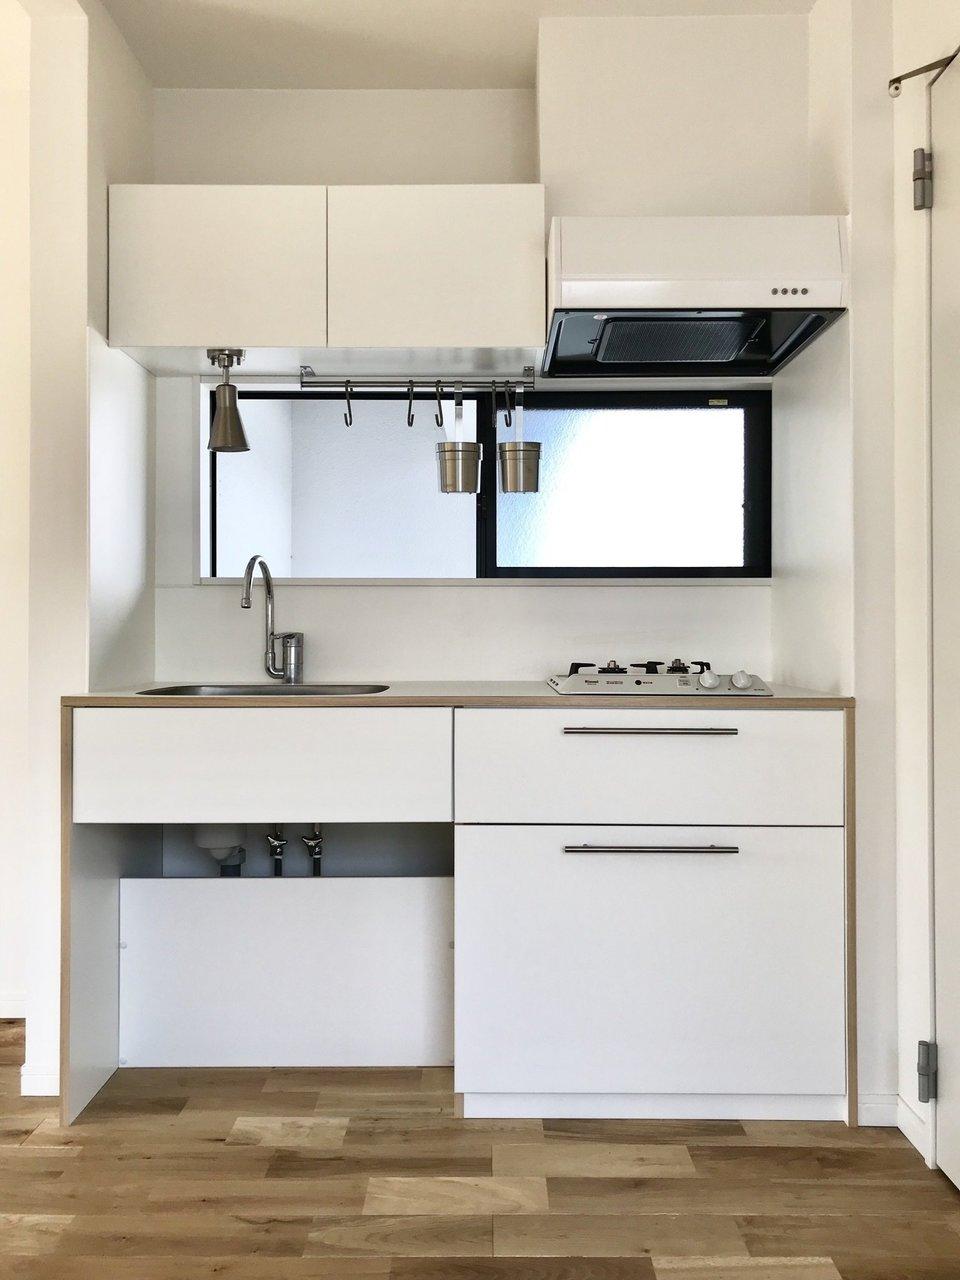 キッチンや洗面台のデザインもすごく可愛いです